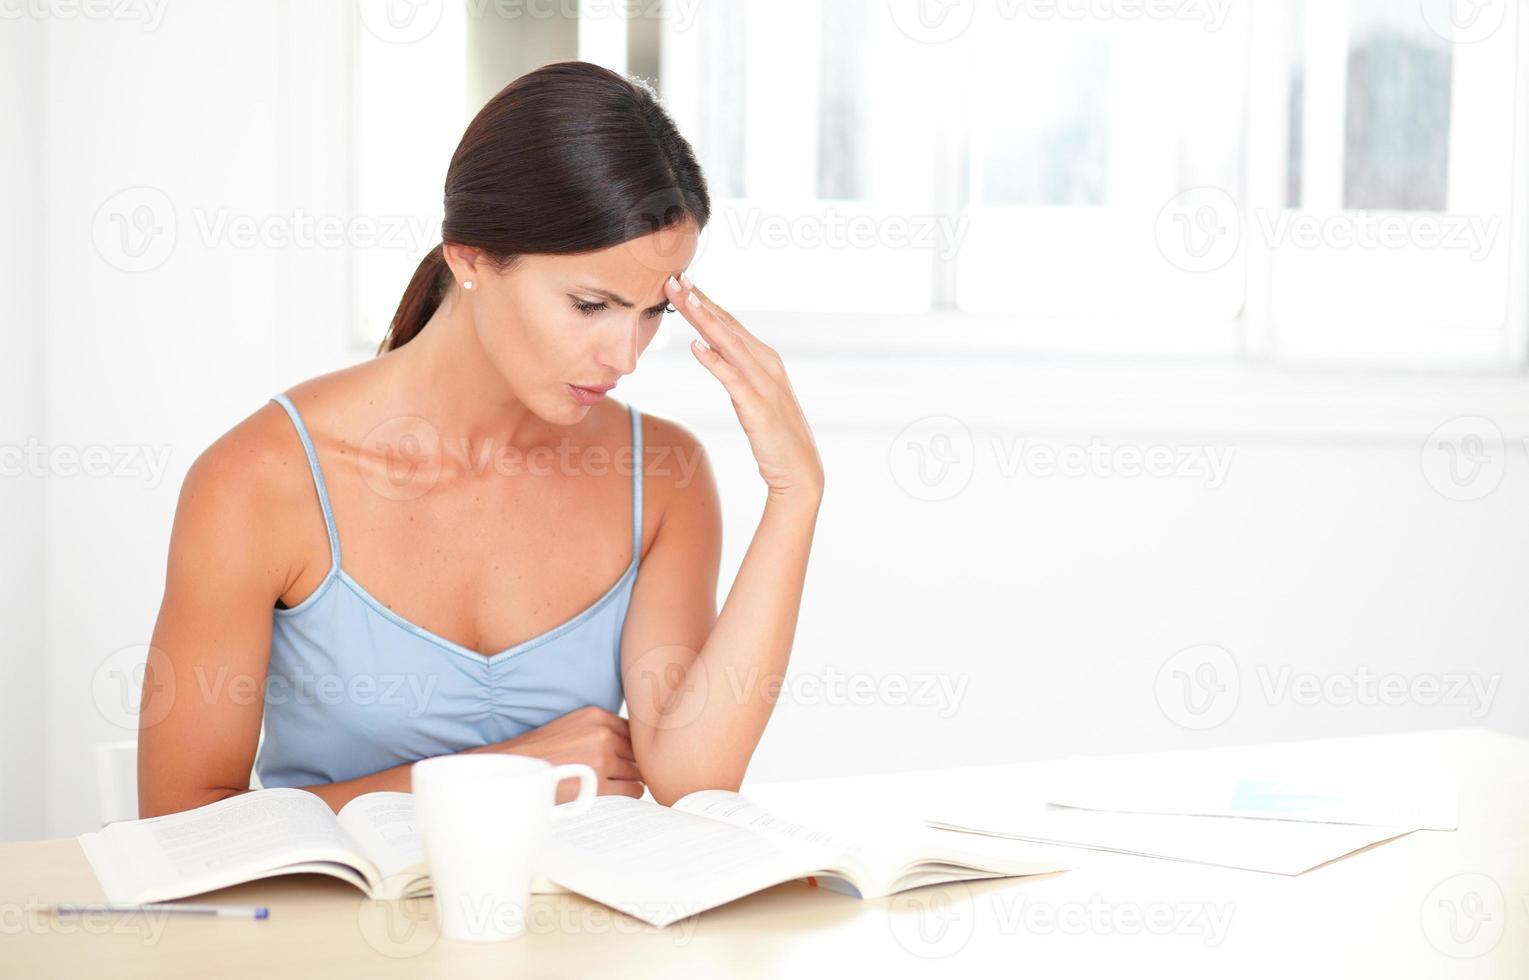 bella donna concentrandosi nella lettura di libri foto